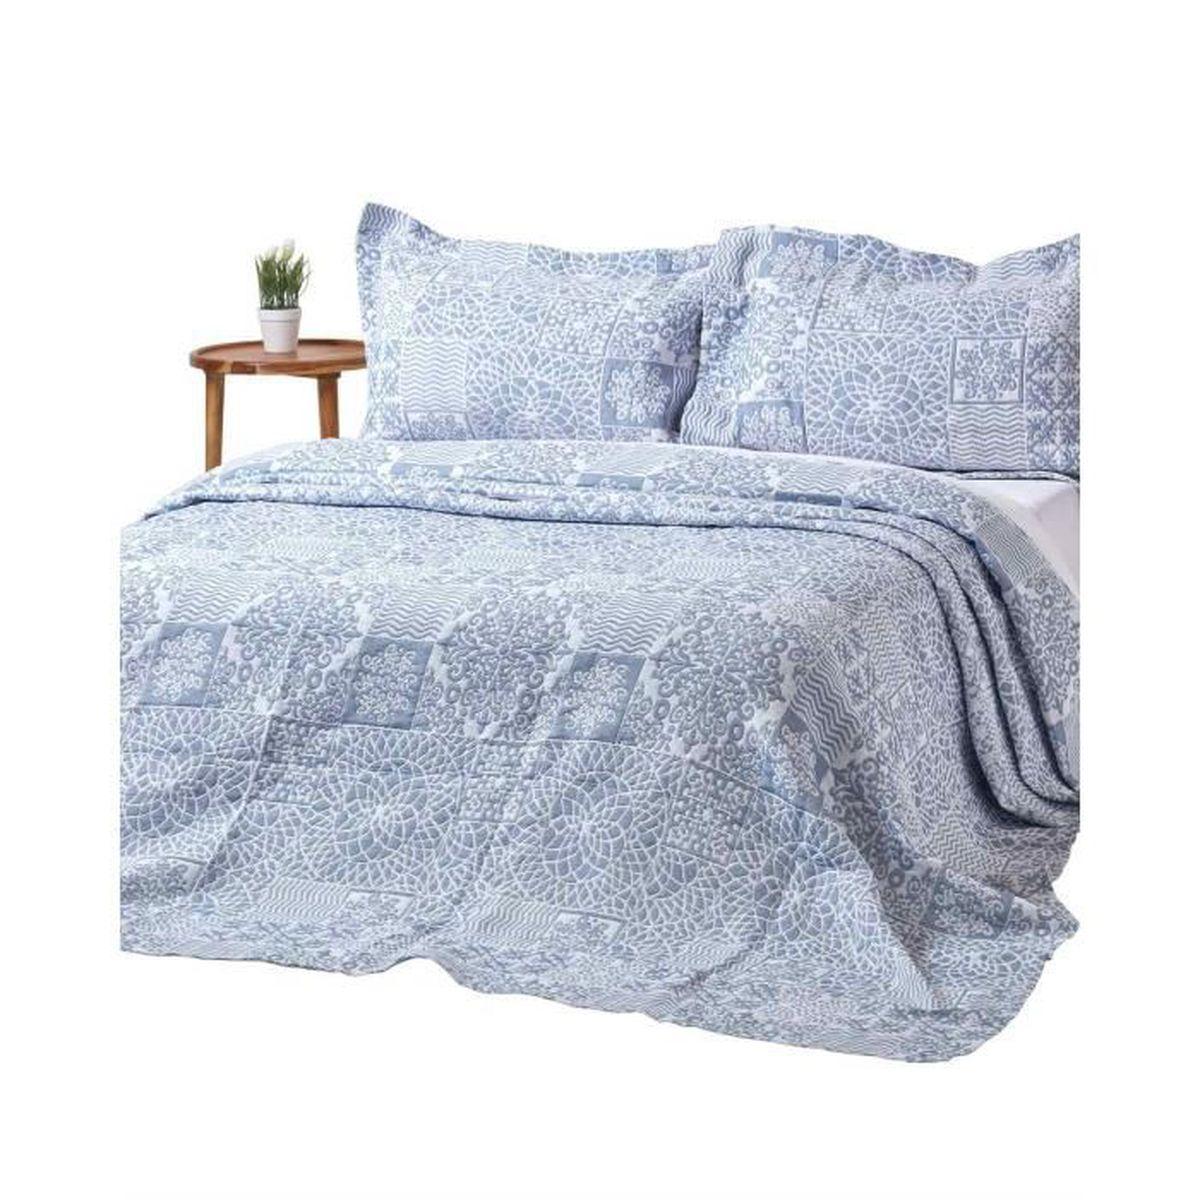 JETÉE DE LIT - BOUTIS Couvre-lit bleu style patchwork effet mosaïque en